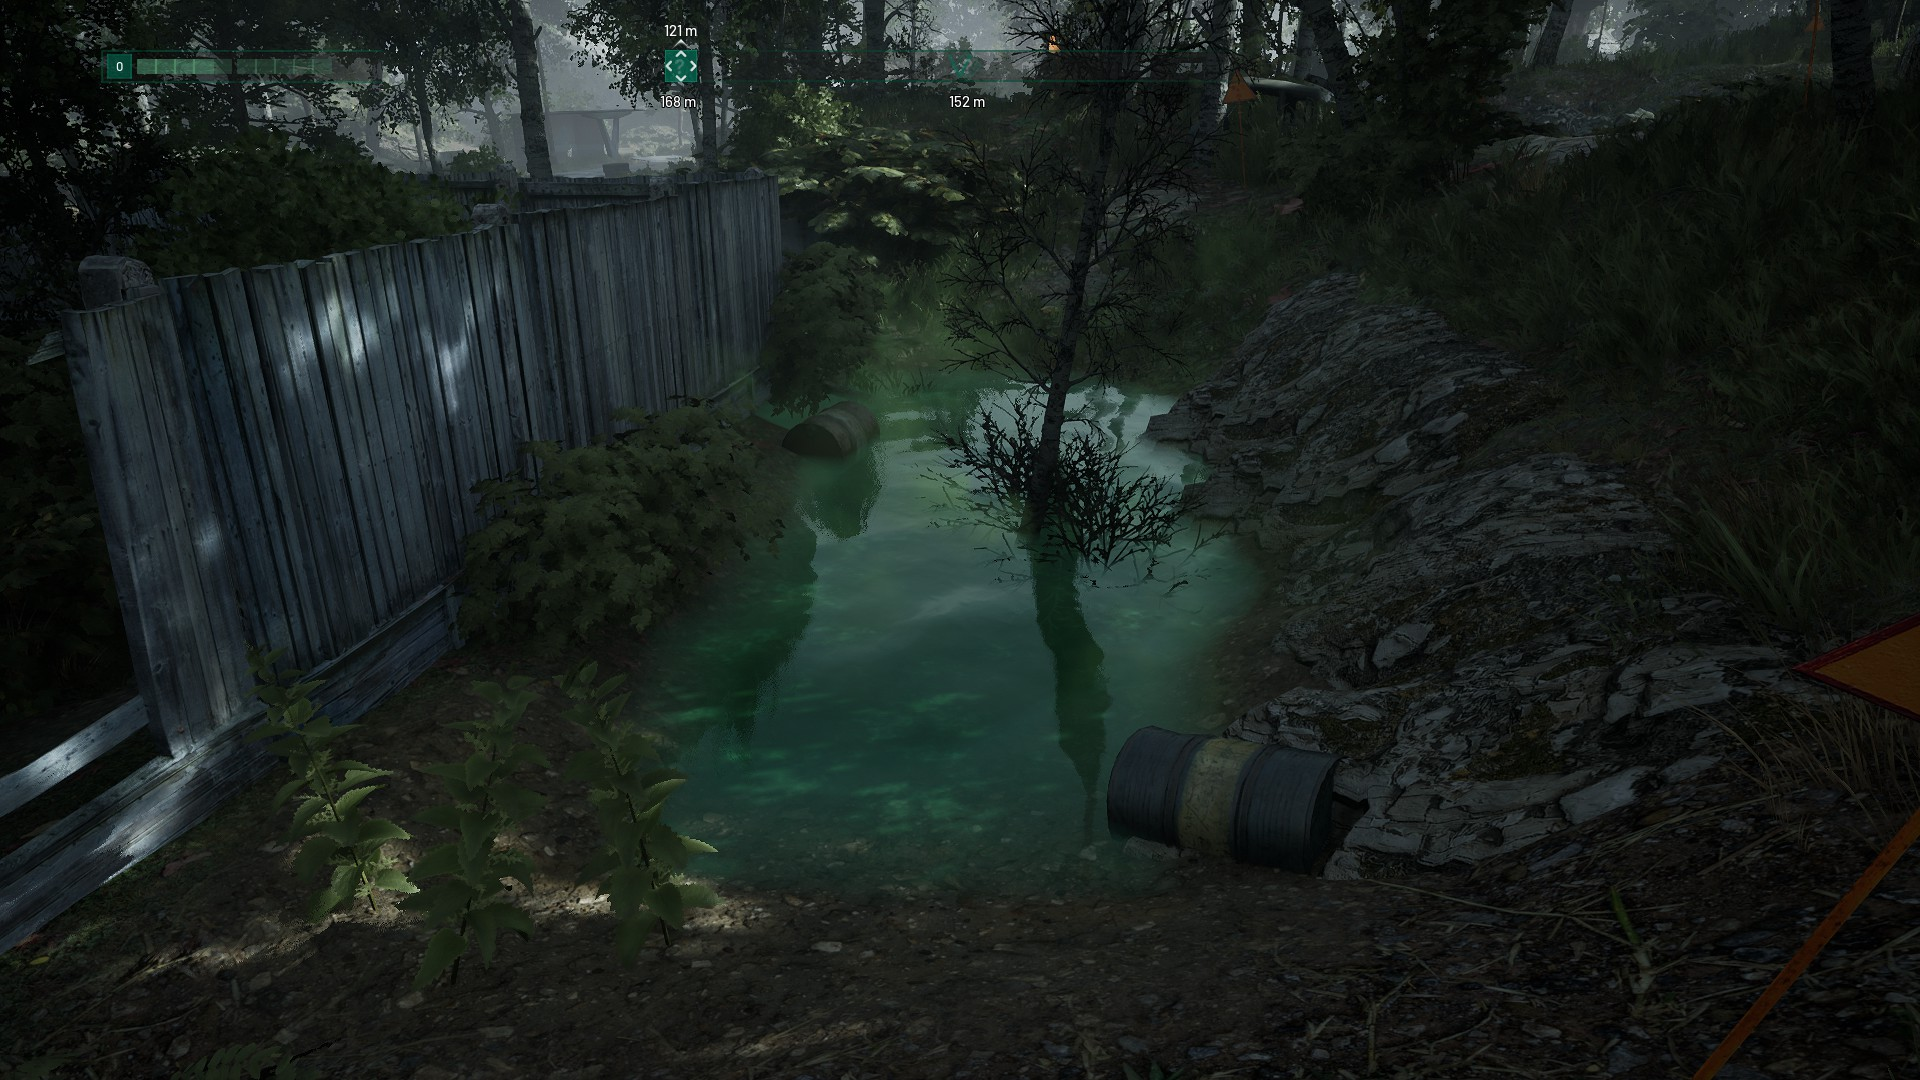 L'environnement du jeu est superbe et rempli de dangers, que ce soit une patrouille ennemie ou de l'eau irradiée